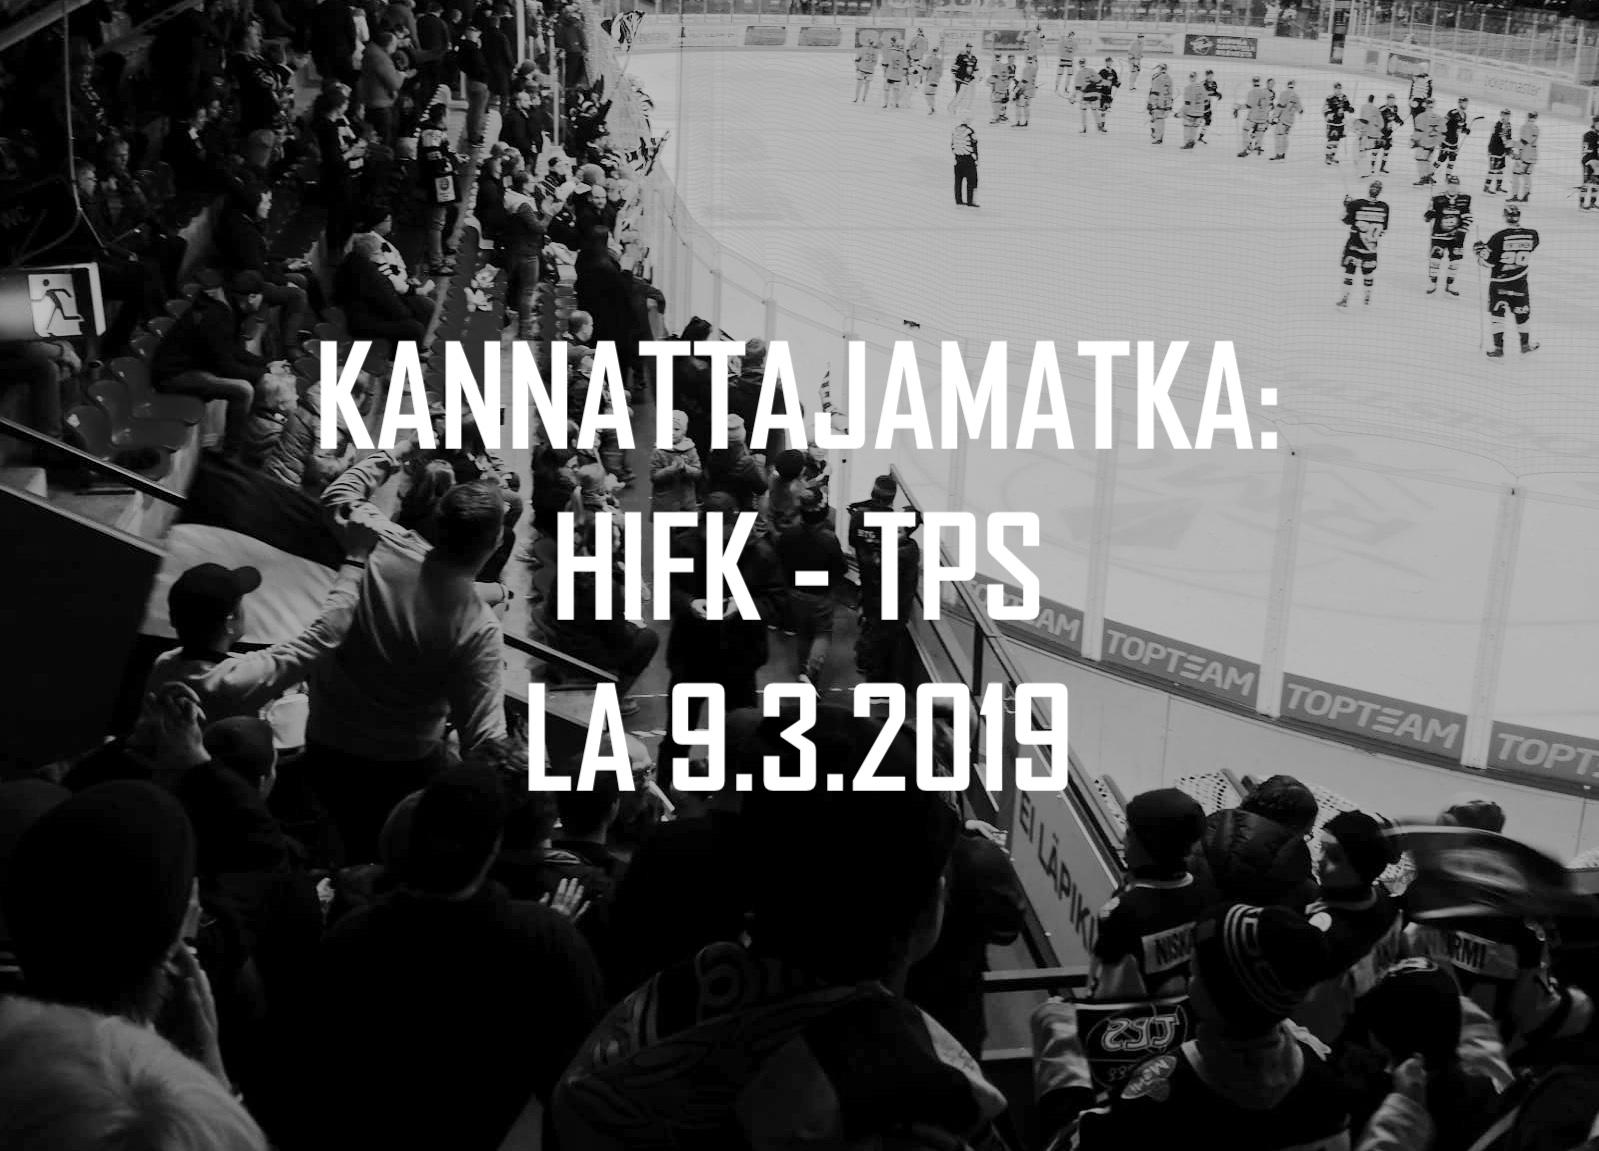 Kannattajamatka: HIFK – TPS 9.3.2019